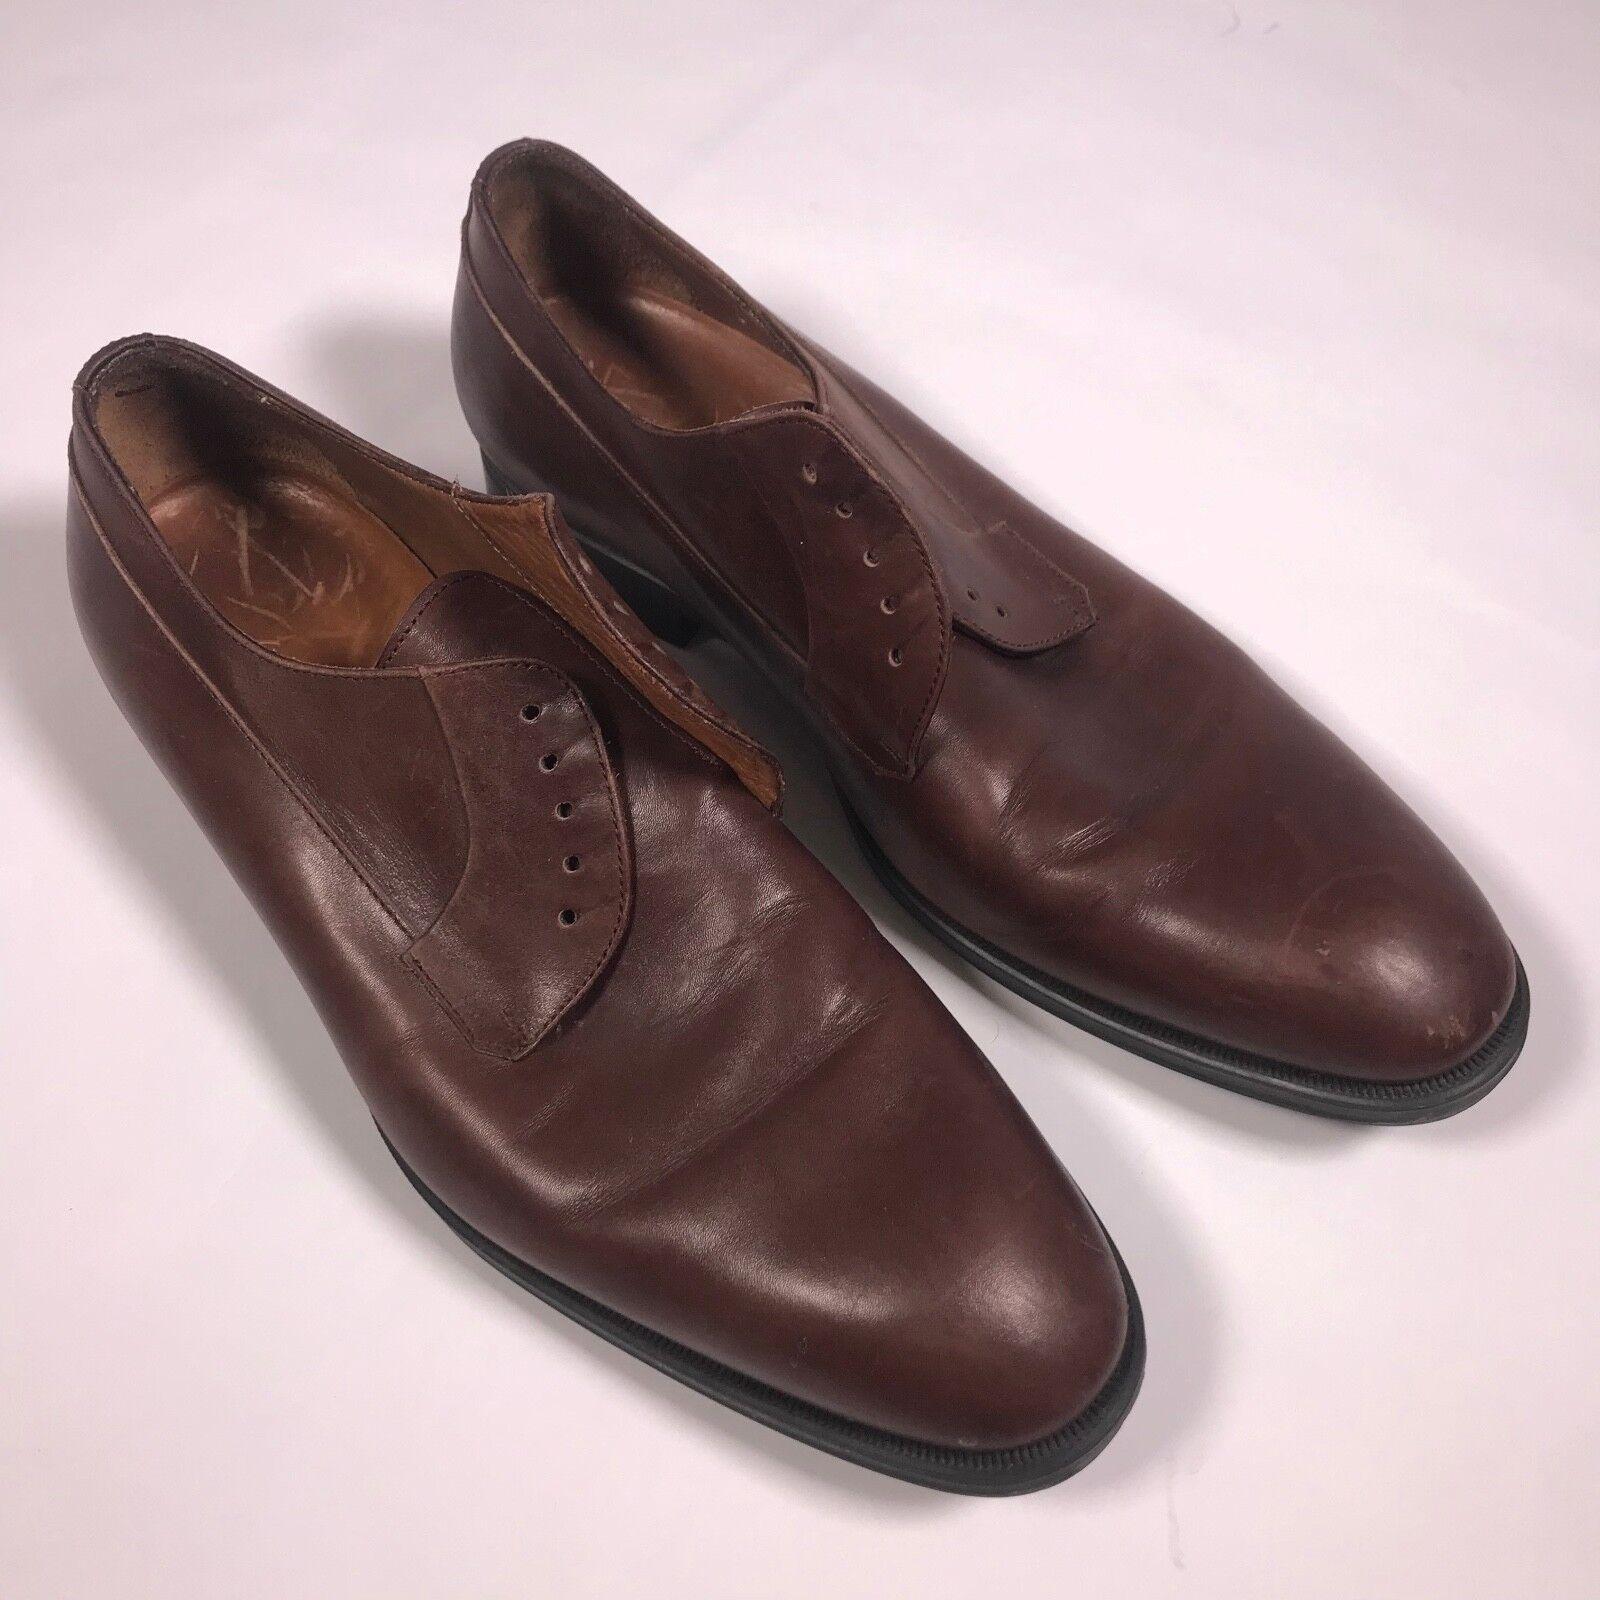 promozioni Aquatalia Uomo Oxfords Dress     Casual scarpe, Desert Nut Style, Dimensione 10.5 [DL07]  prezzi all'ingrosso